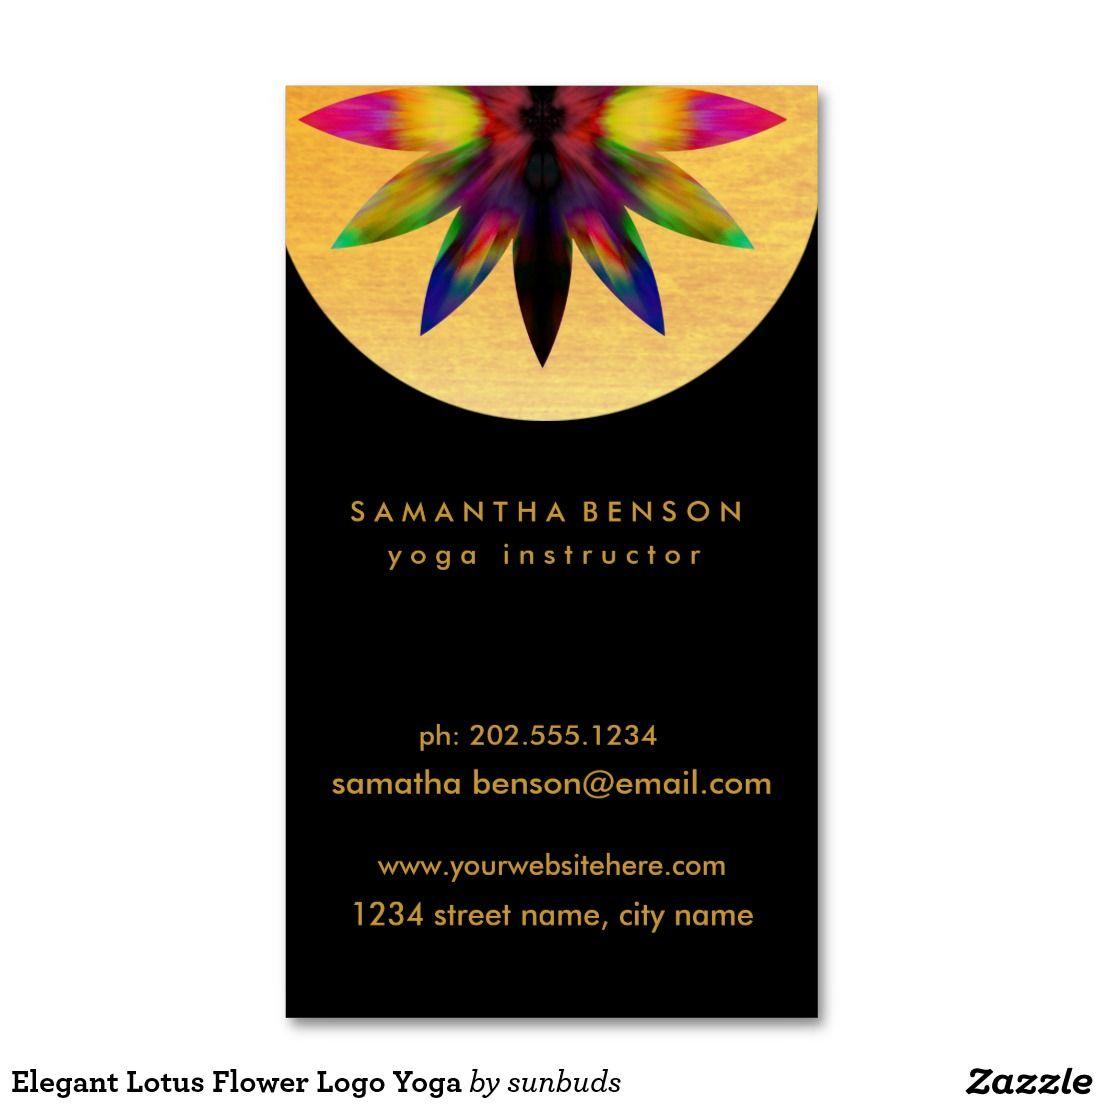 Elegant Lotus Flower Logo Yoga Business Card | Flower logo, Lotus ...